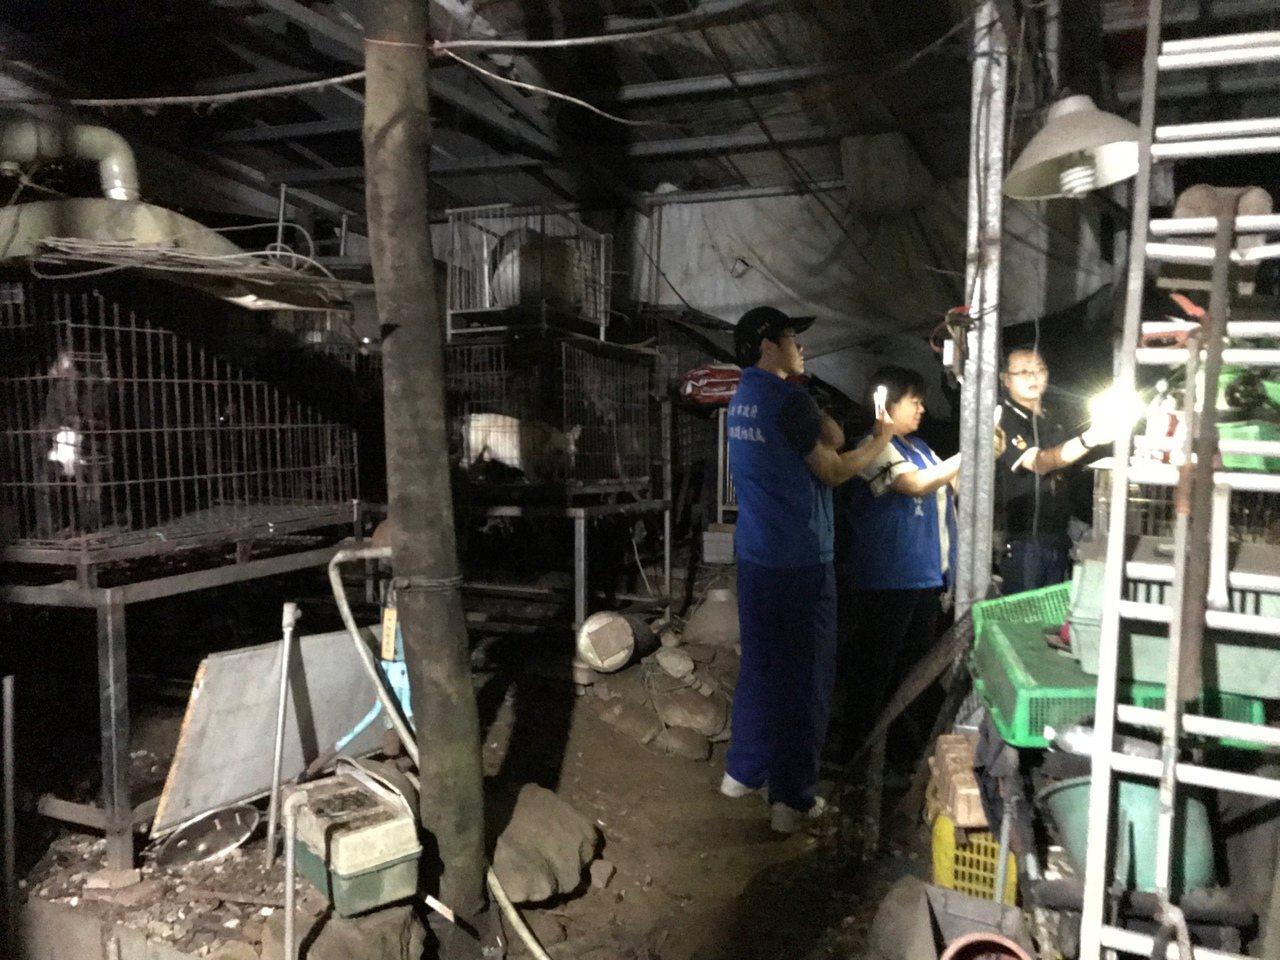 農舍內擺放許多狗籠,不同大小型狗,被長期關在籠子內,環境髒亂不堪,還有5隻狗聲帶...